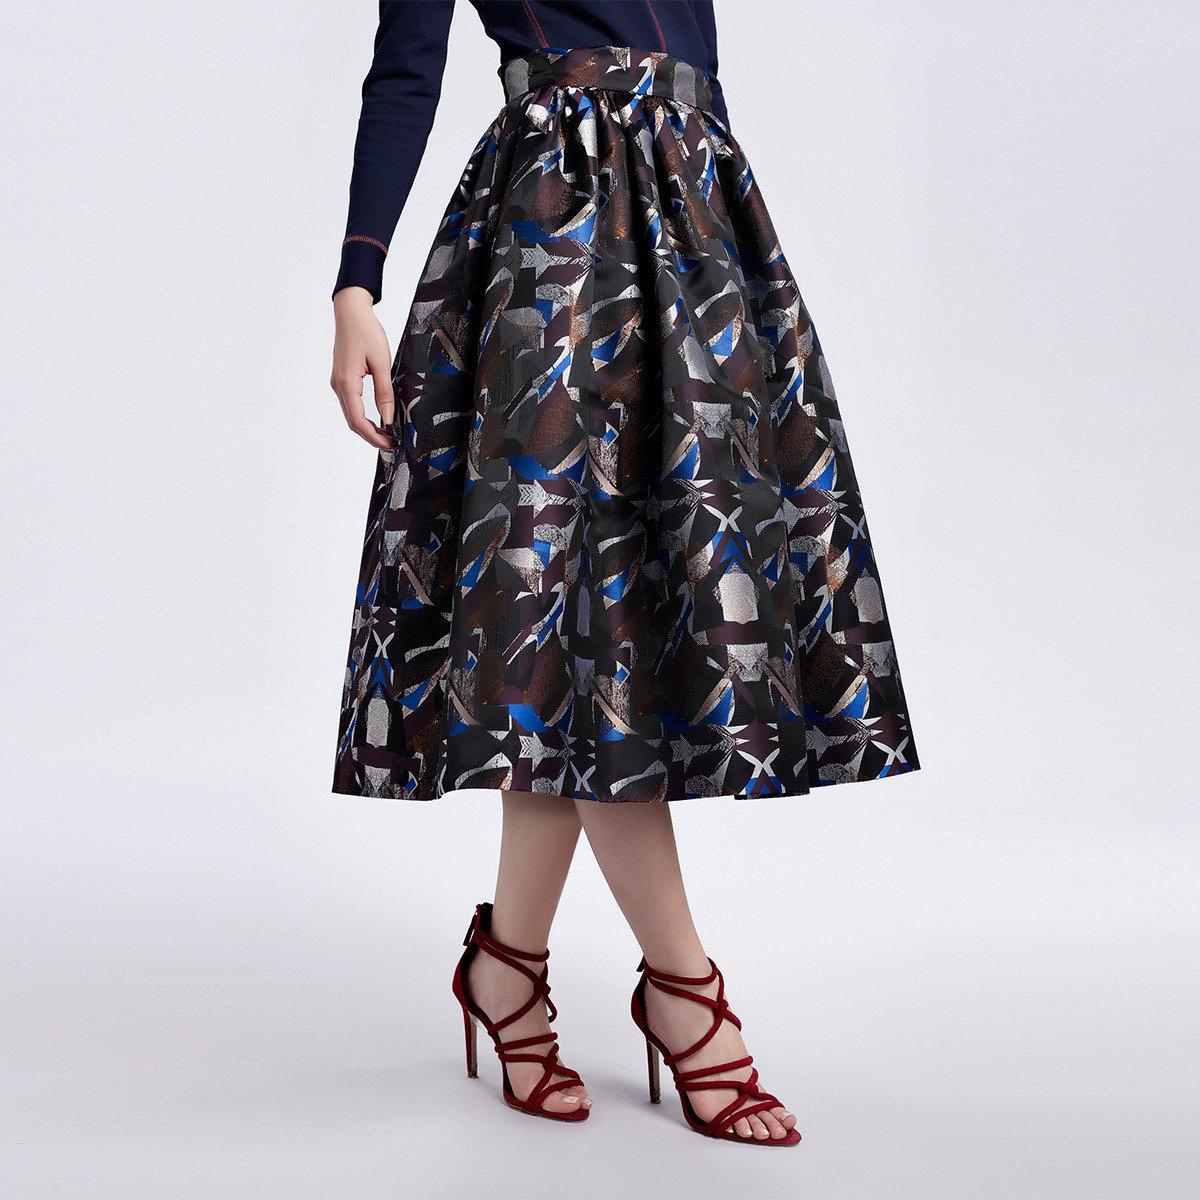 抽象提花立體裙擺半截裙